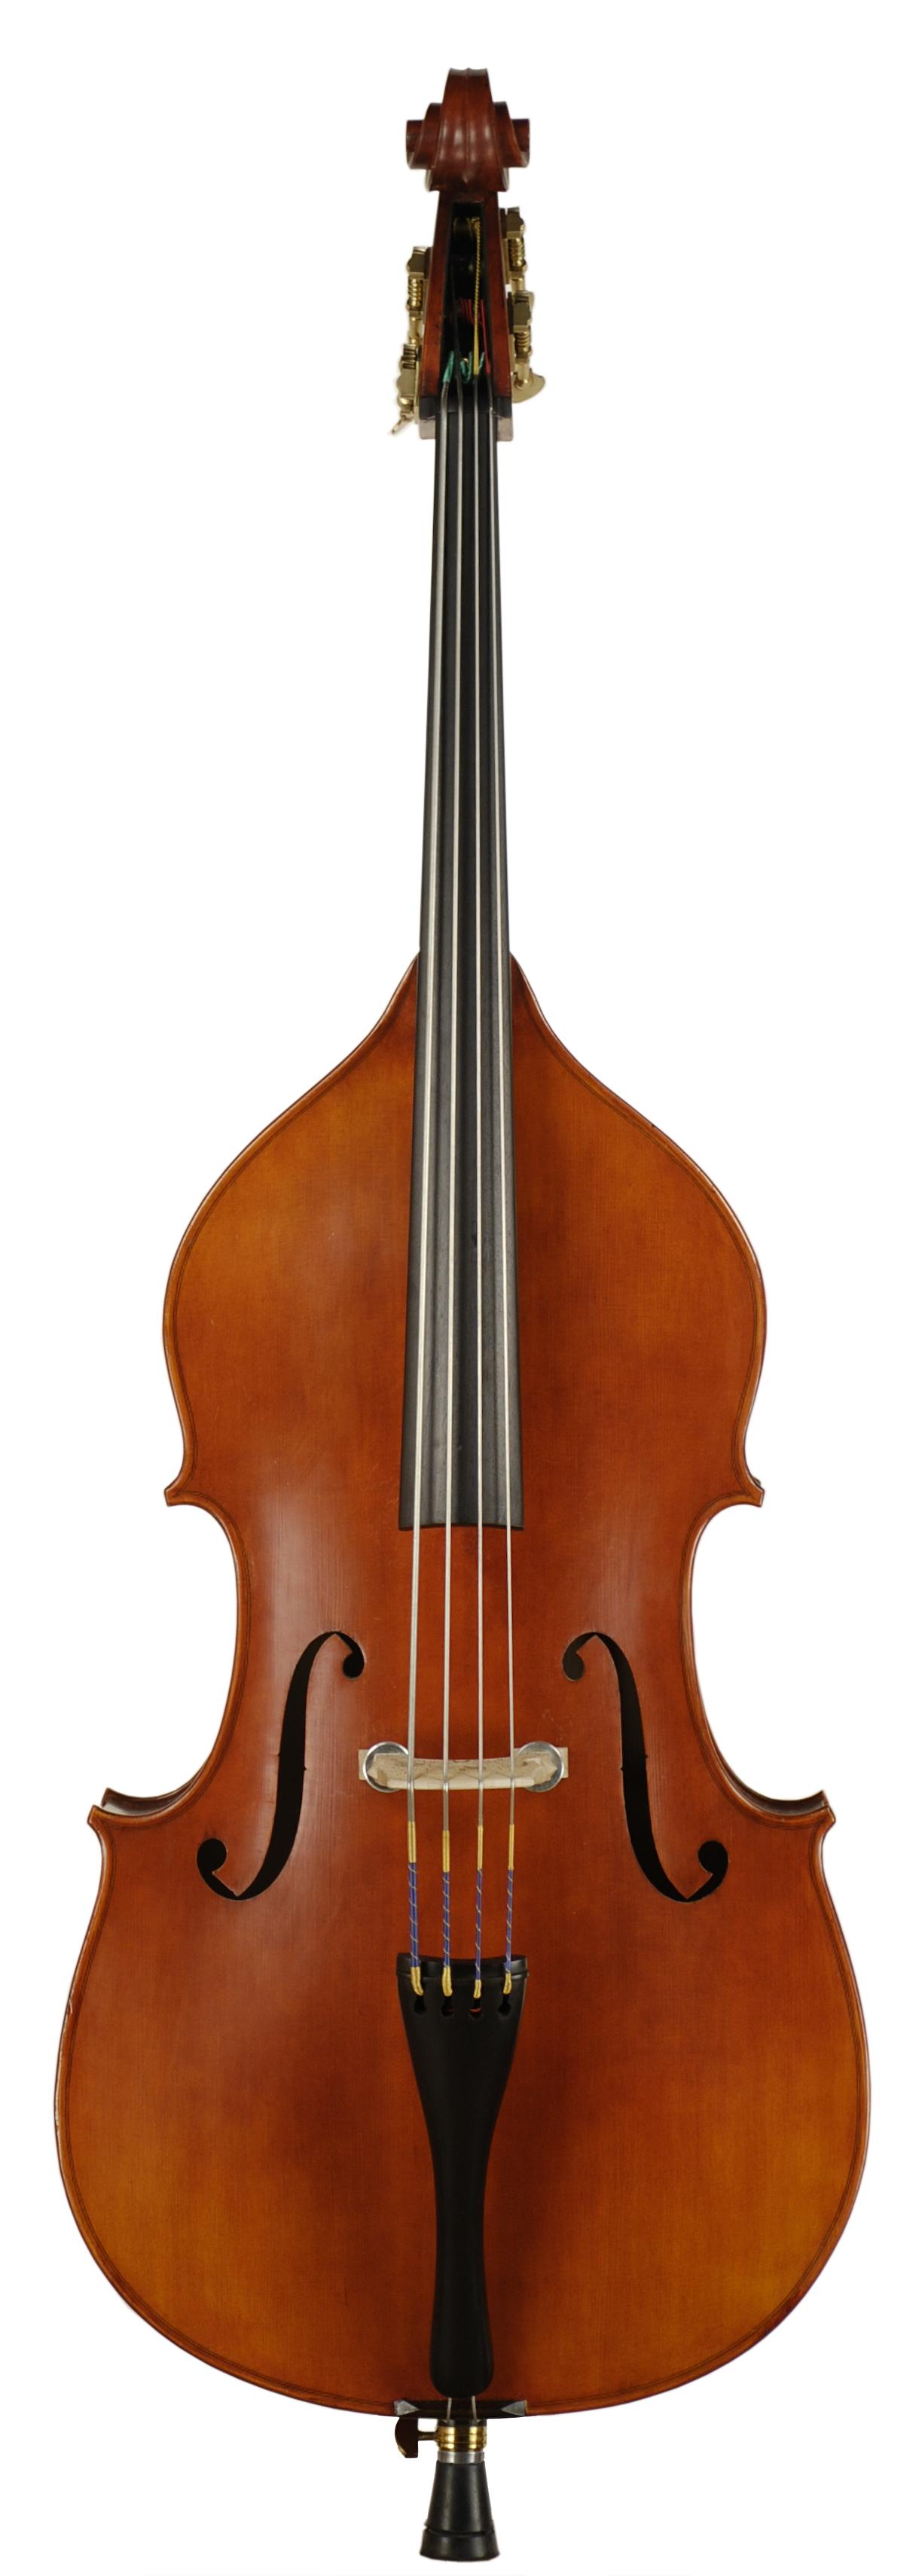 Pietro Moretti 1-10 Bass Top